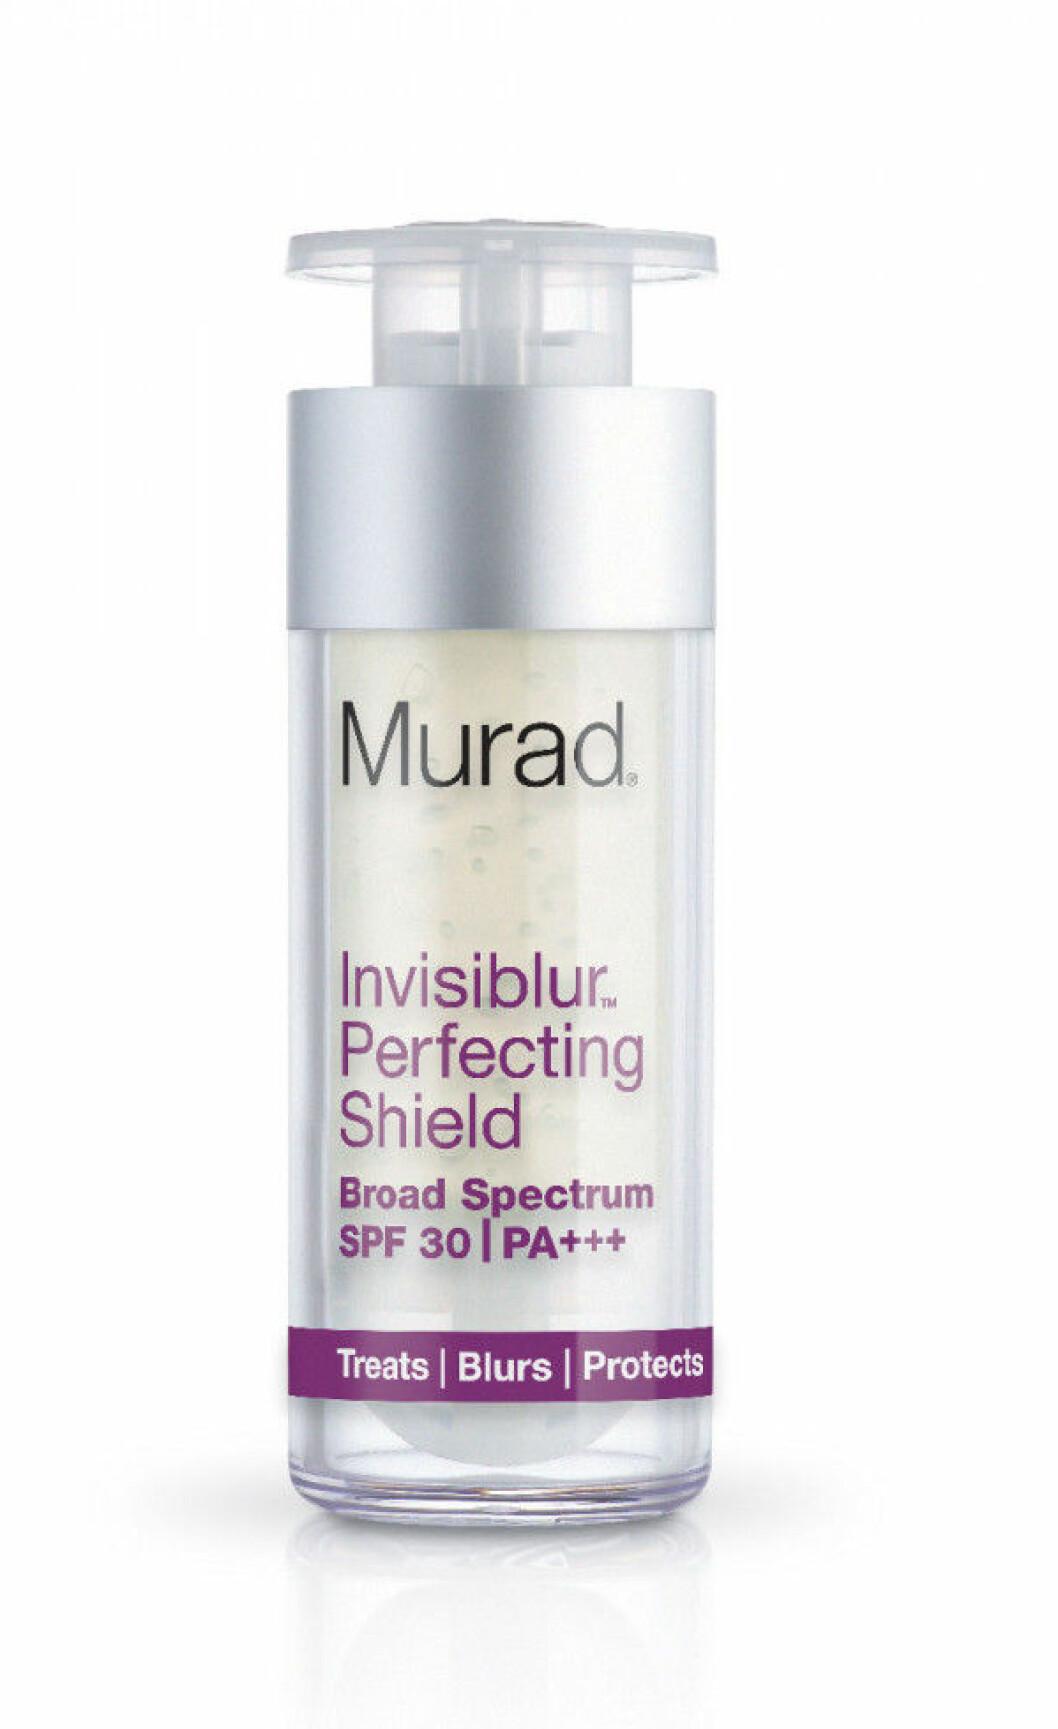 Invisiblur-perfecting-shield-broad-spectrum-Murad